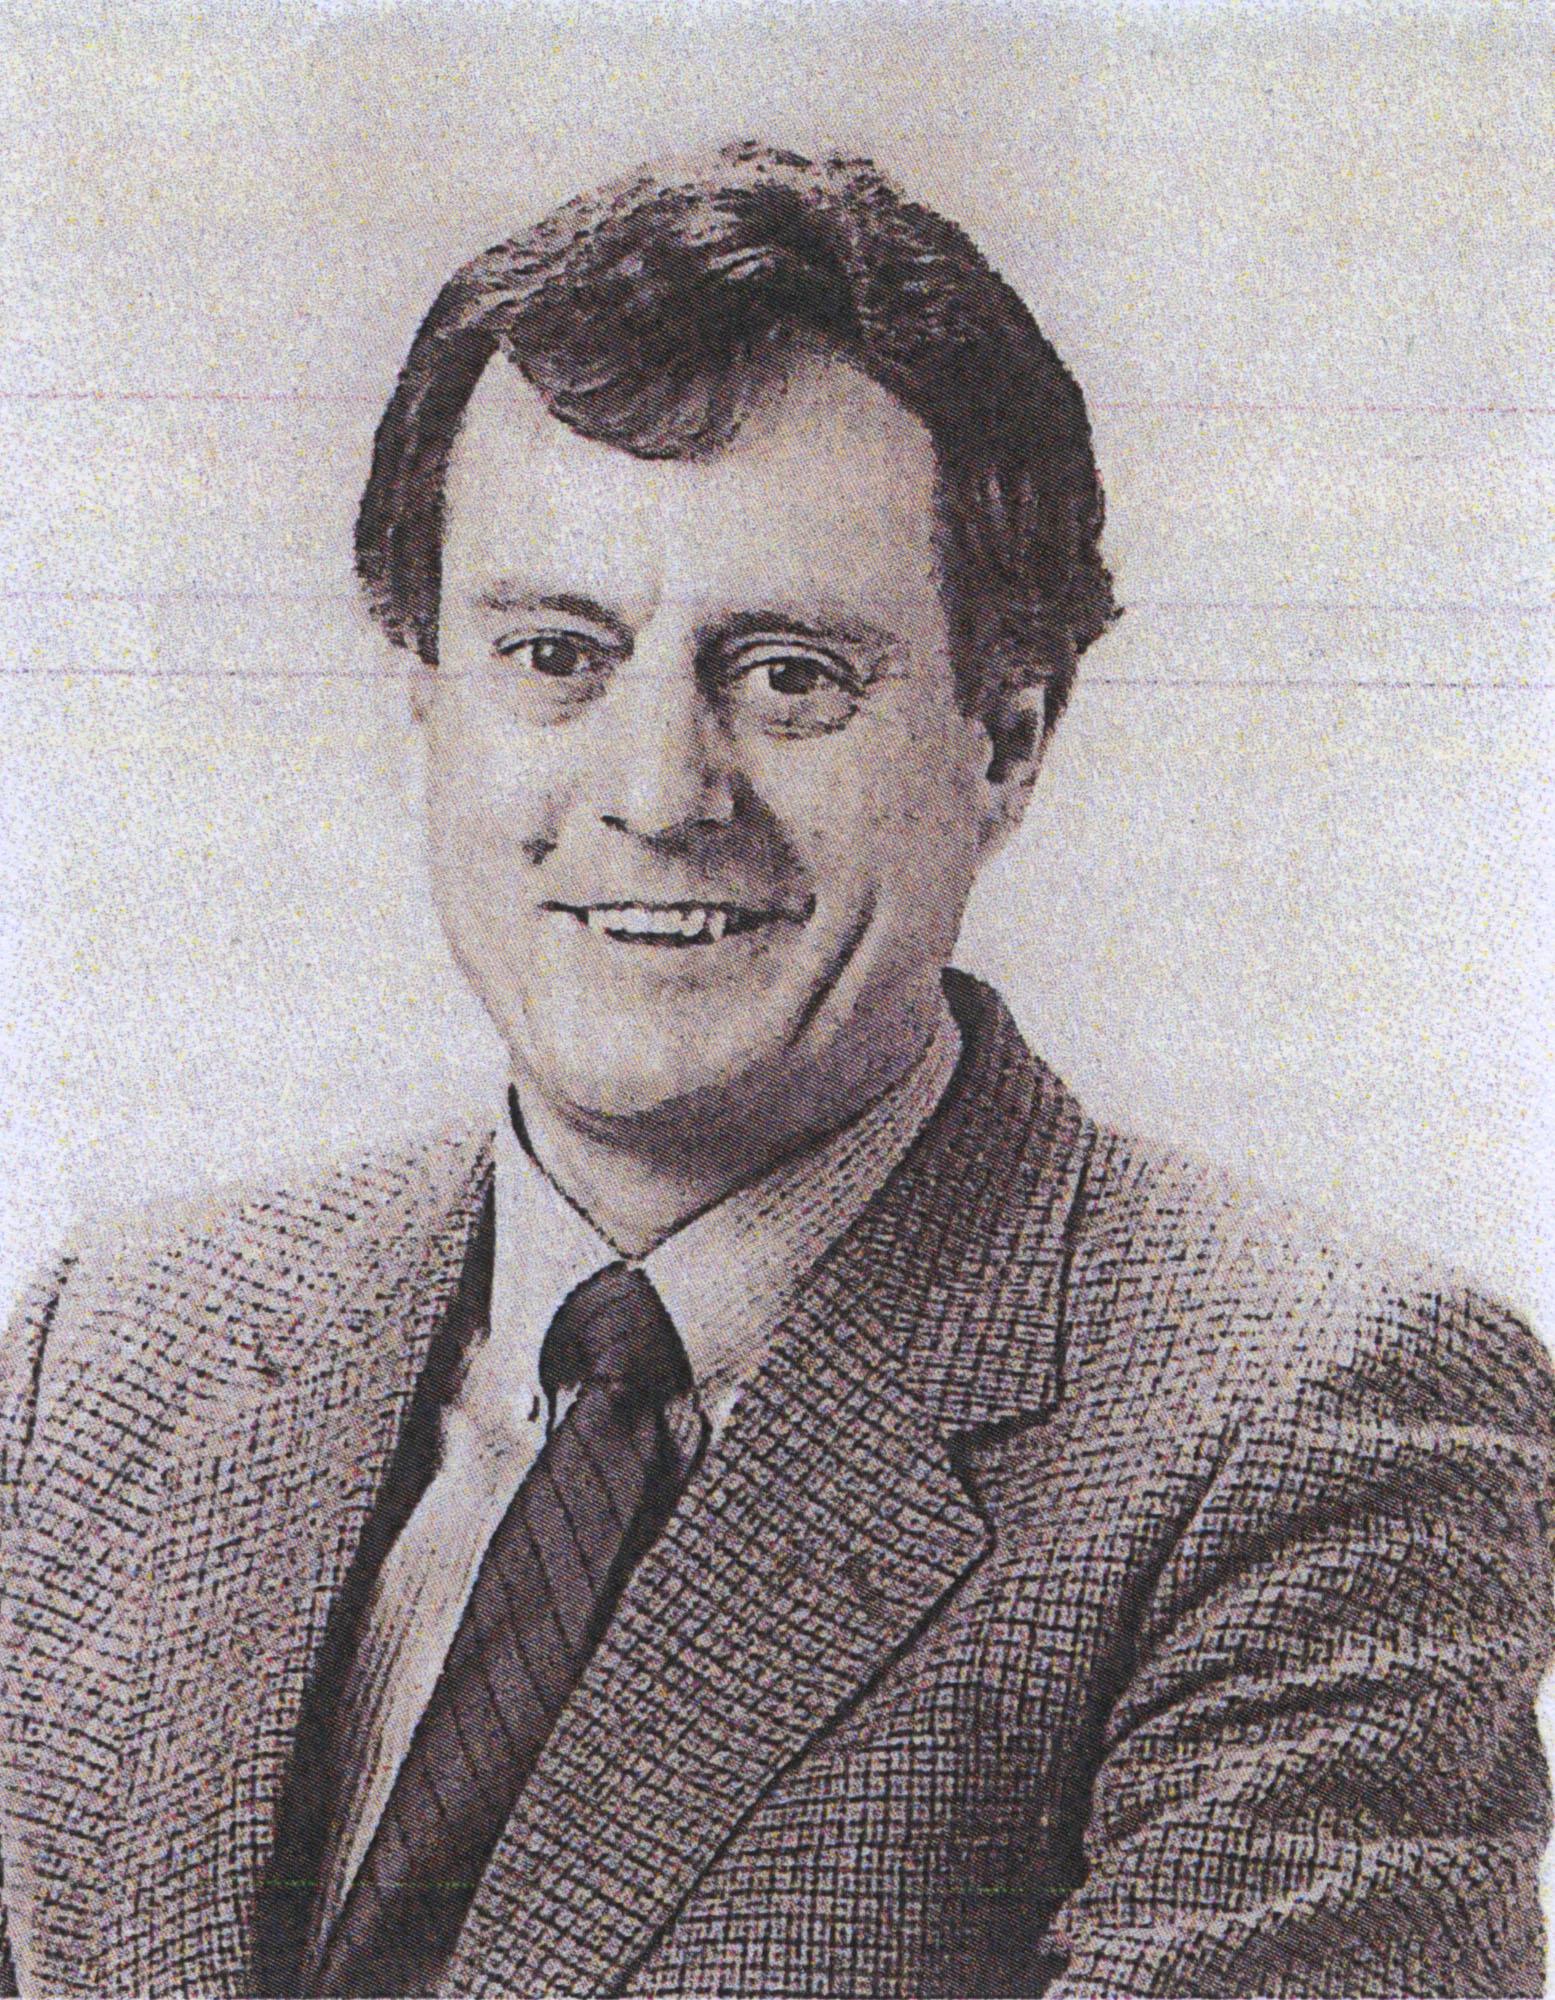 R. G. Boomer